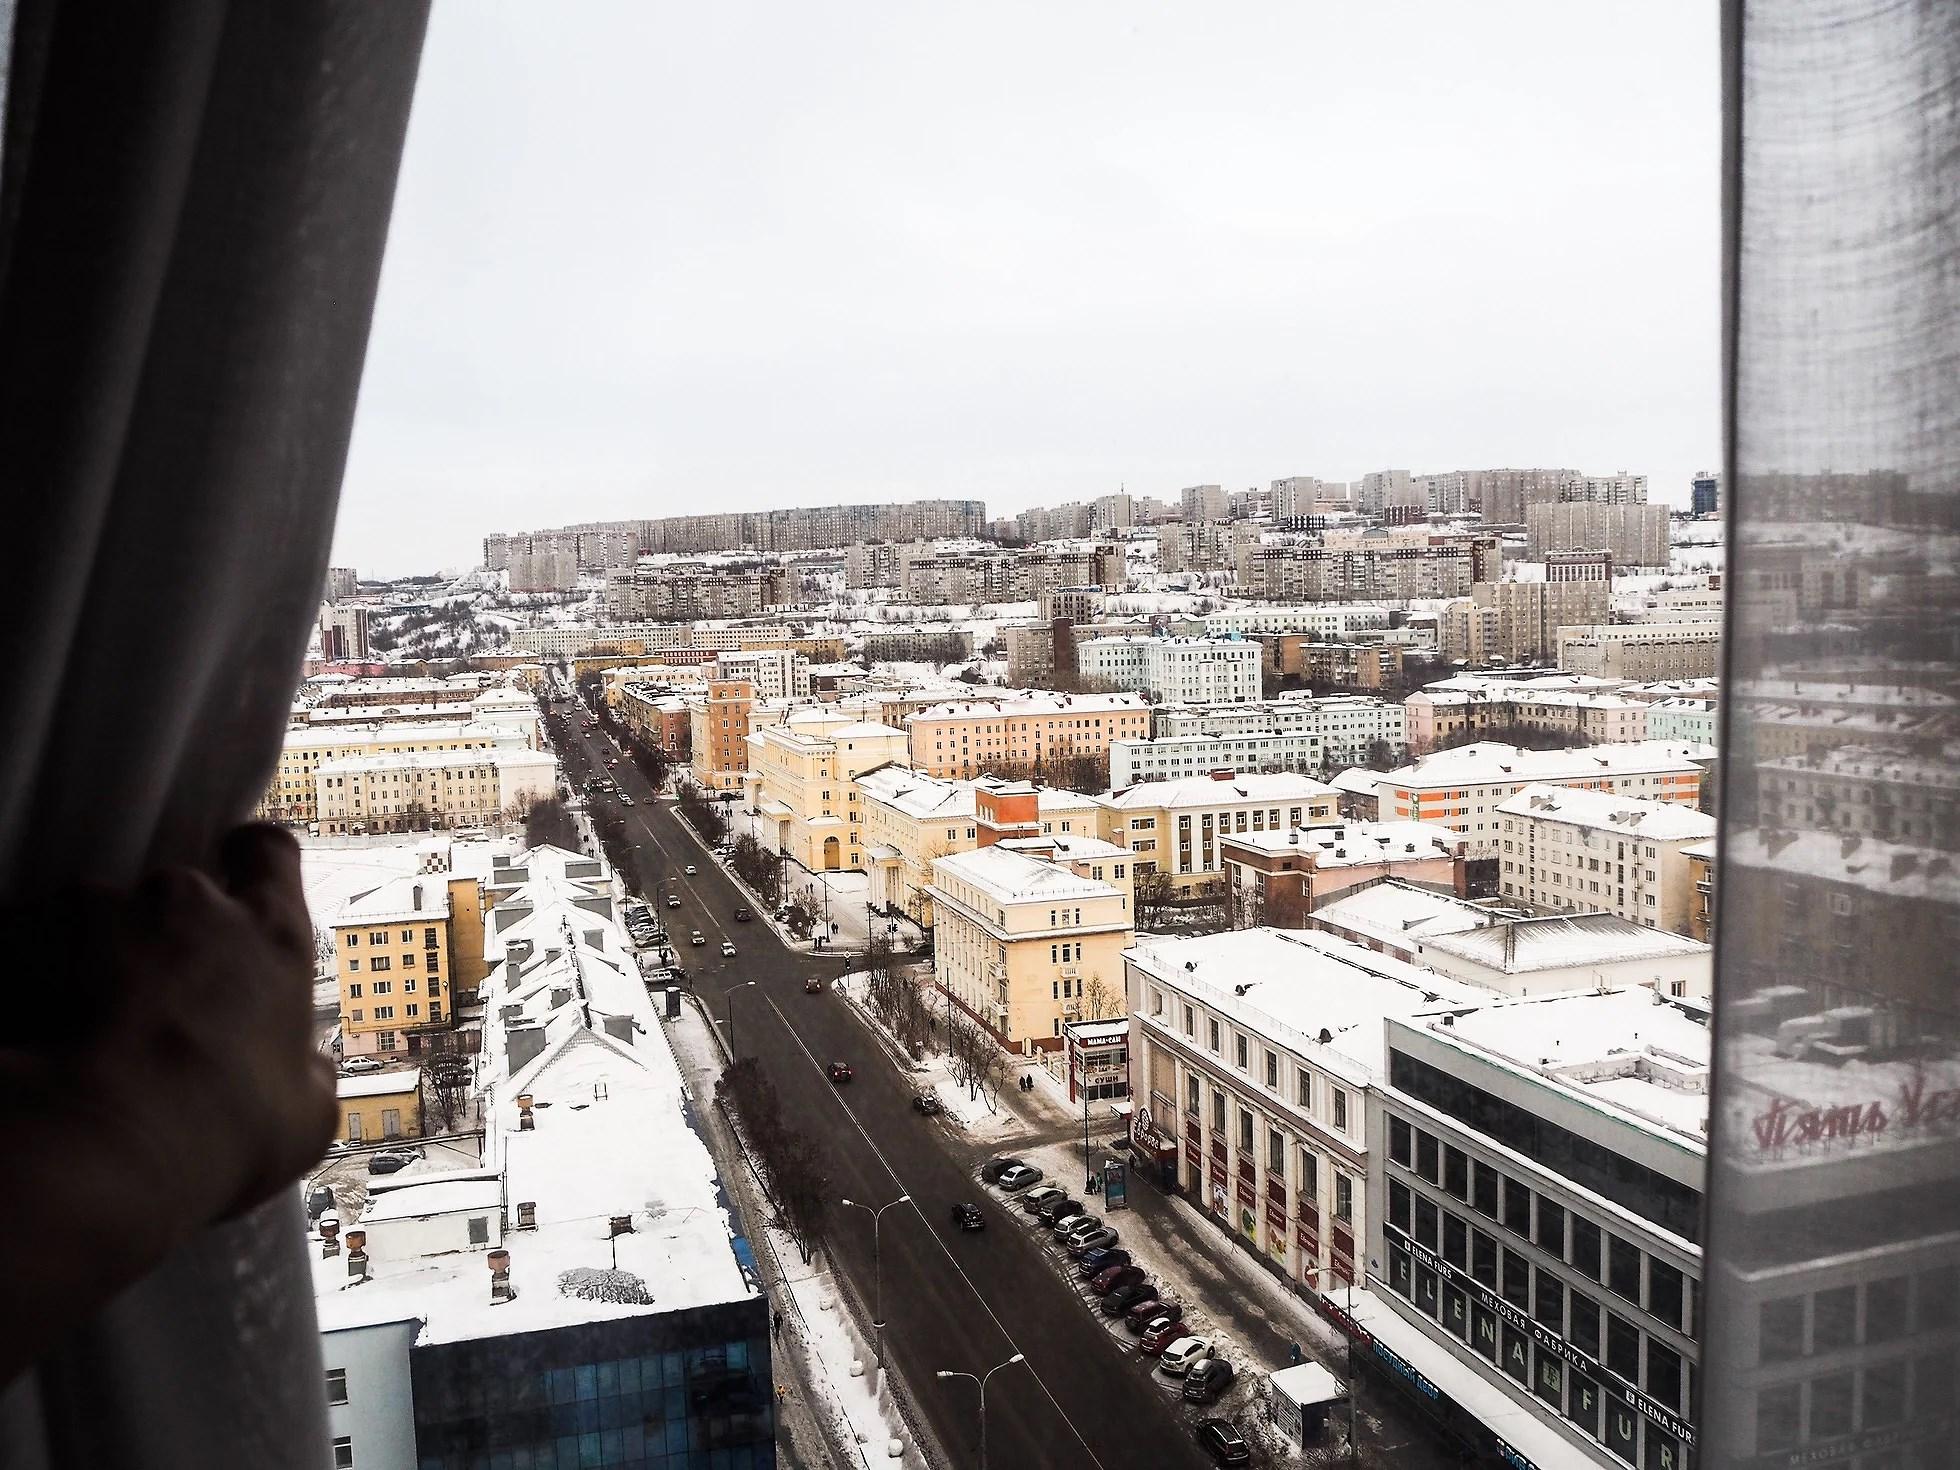 Waking up in Murmansk